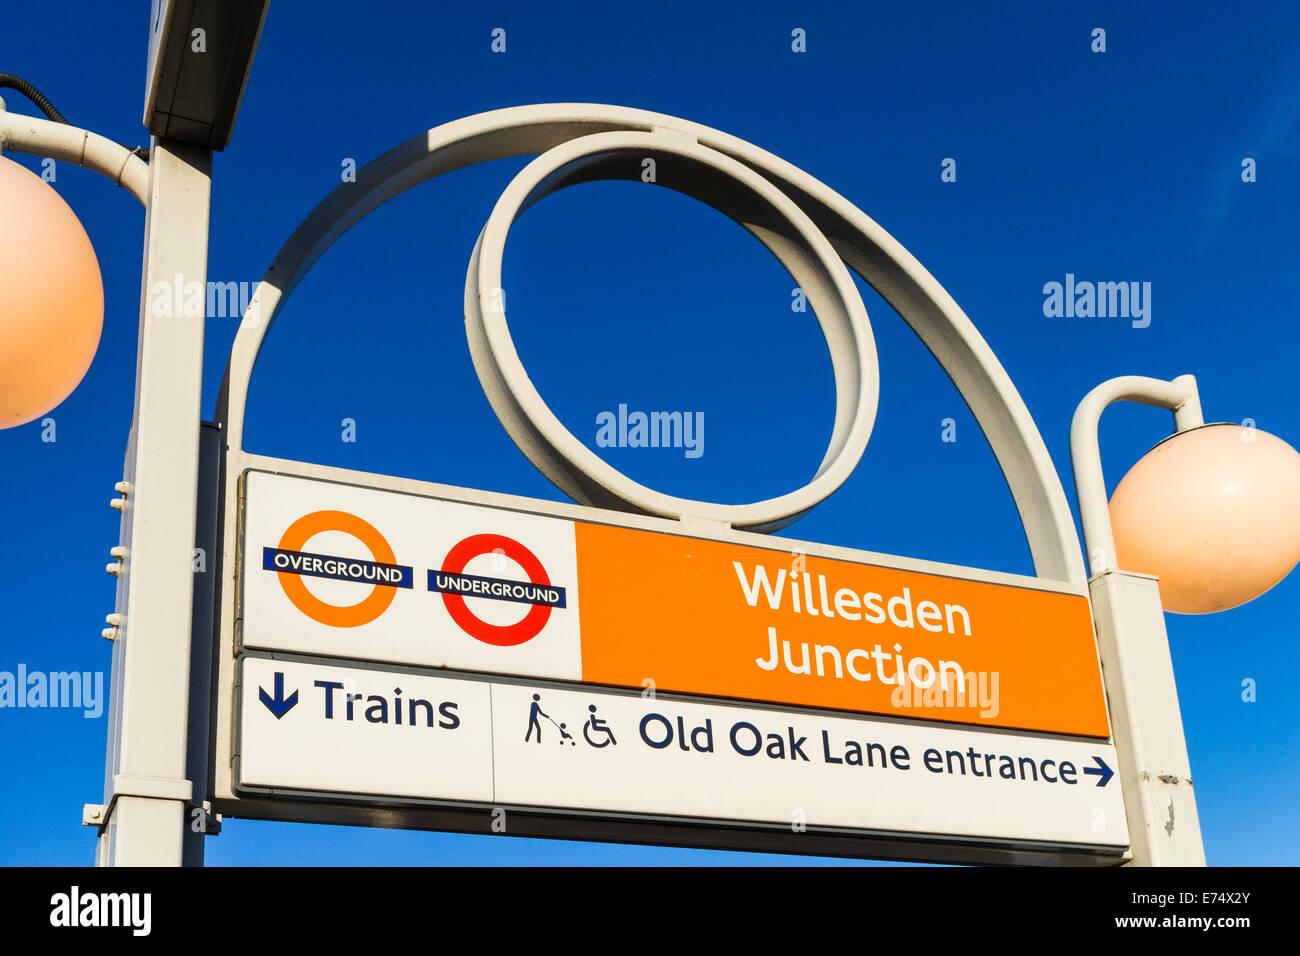 Willesden Junction station - London - Stock Image